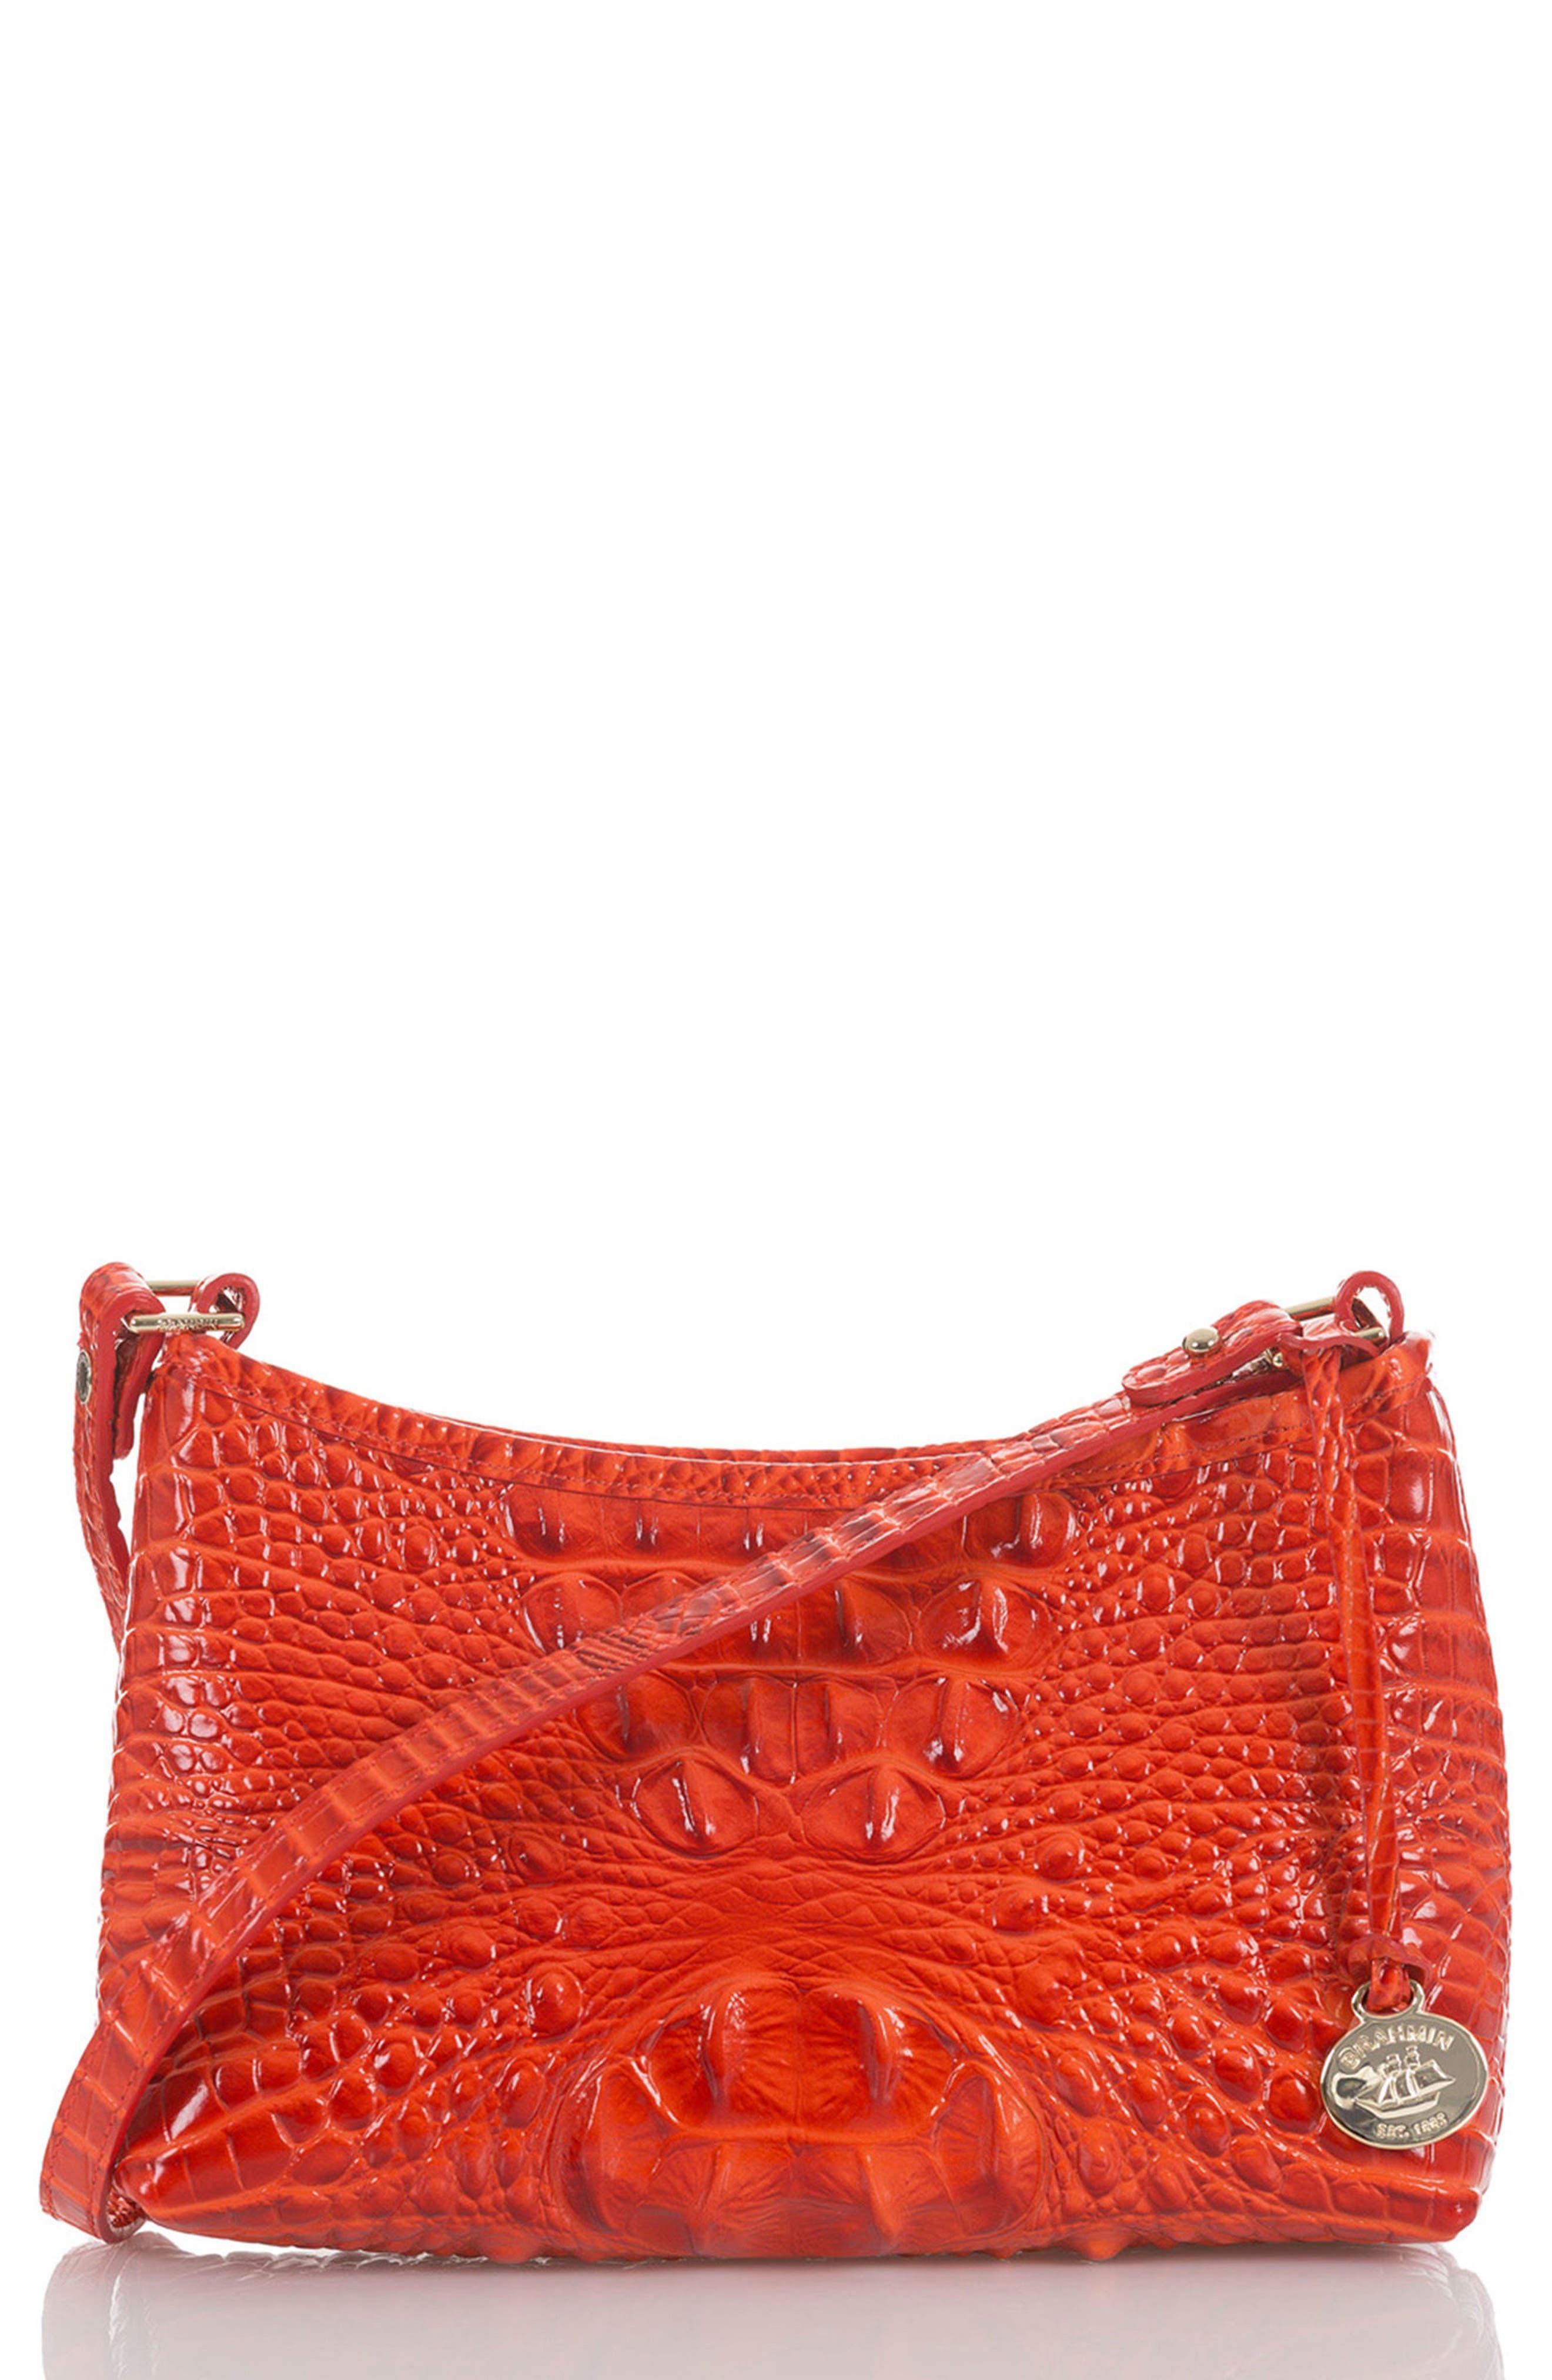 'Anytime - Mini' Convertible Handbag,                             Main thumbnail 7, color,